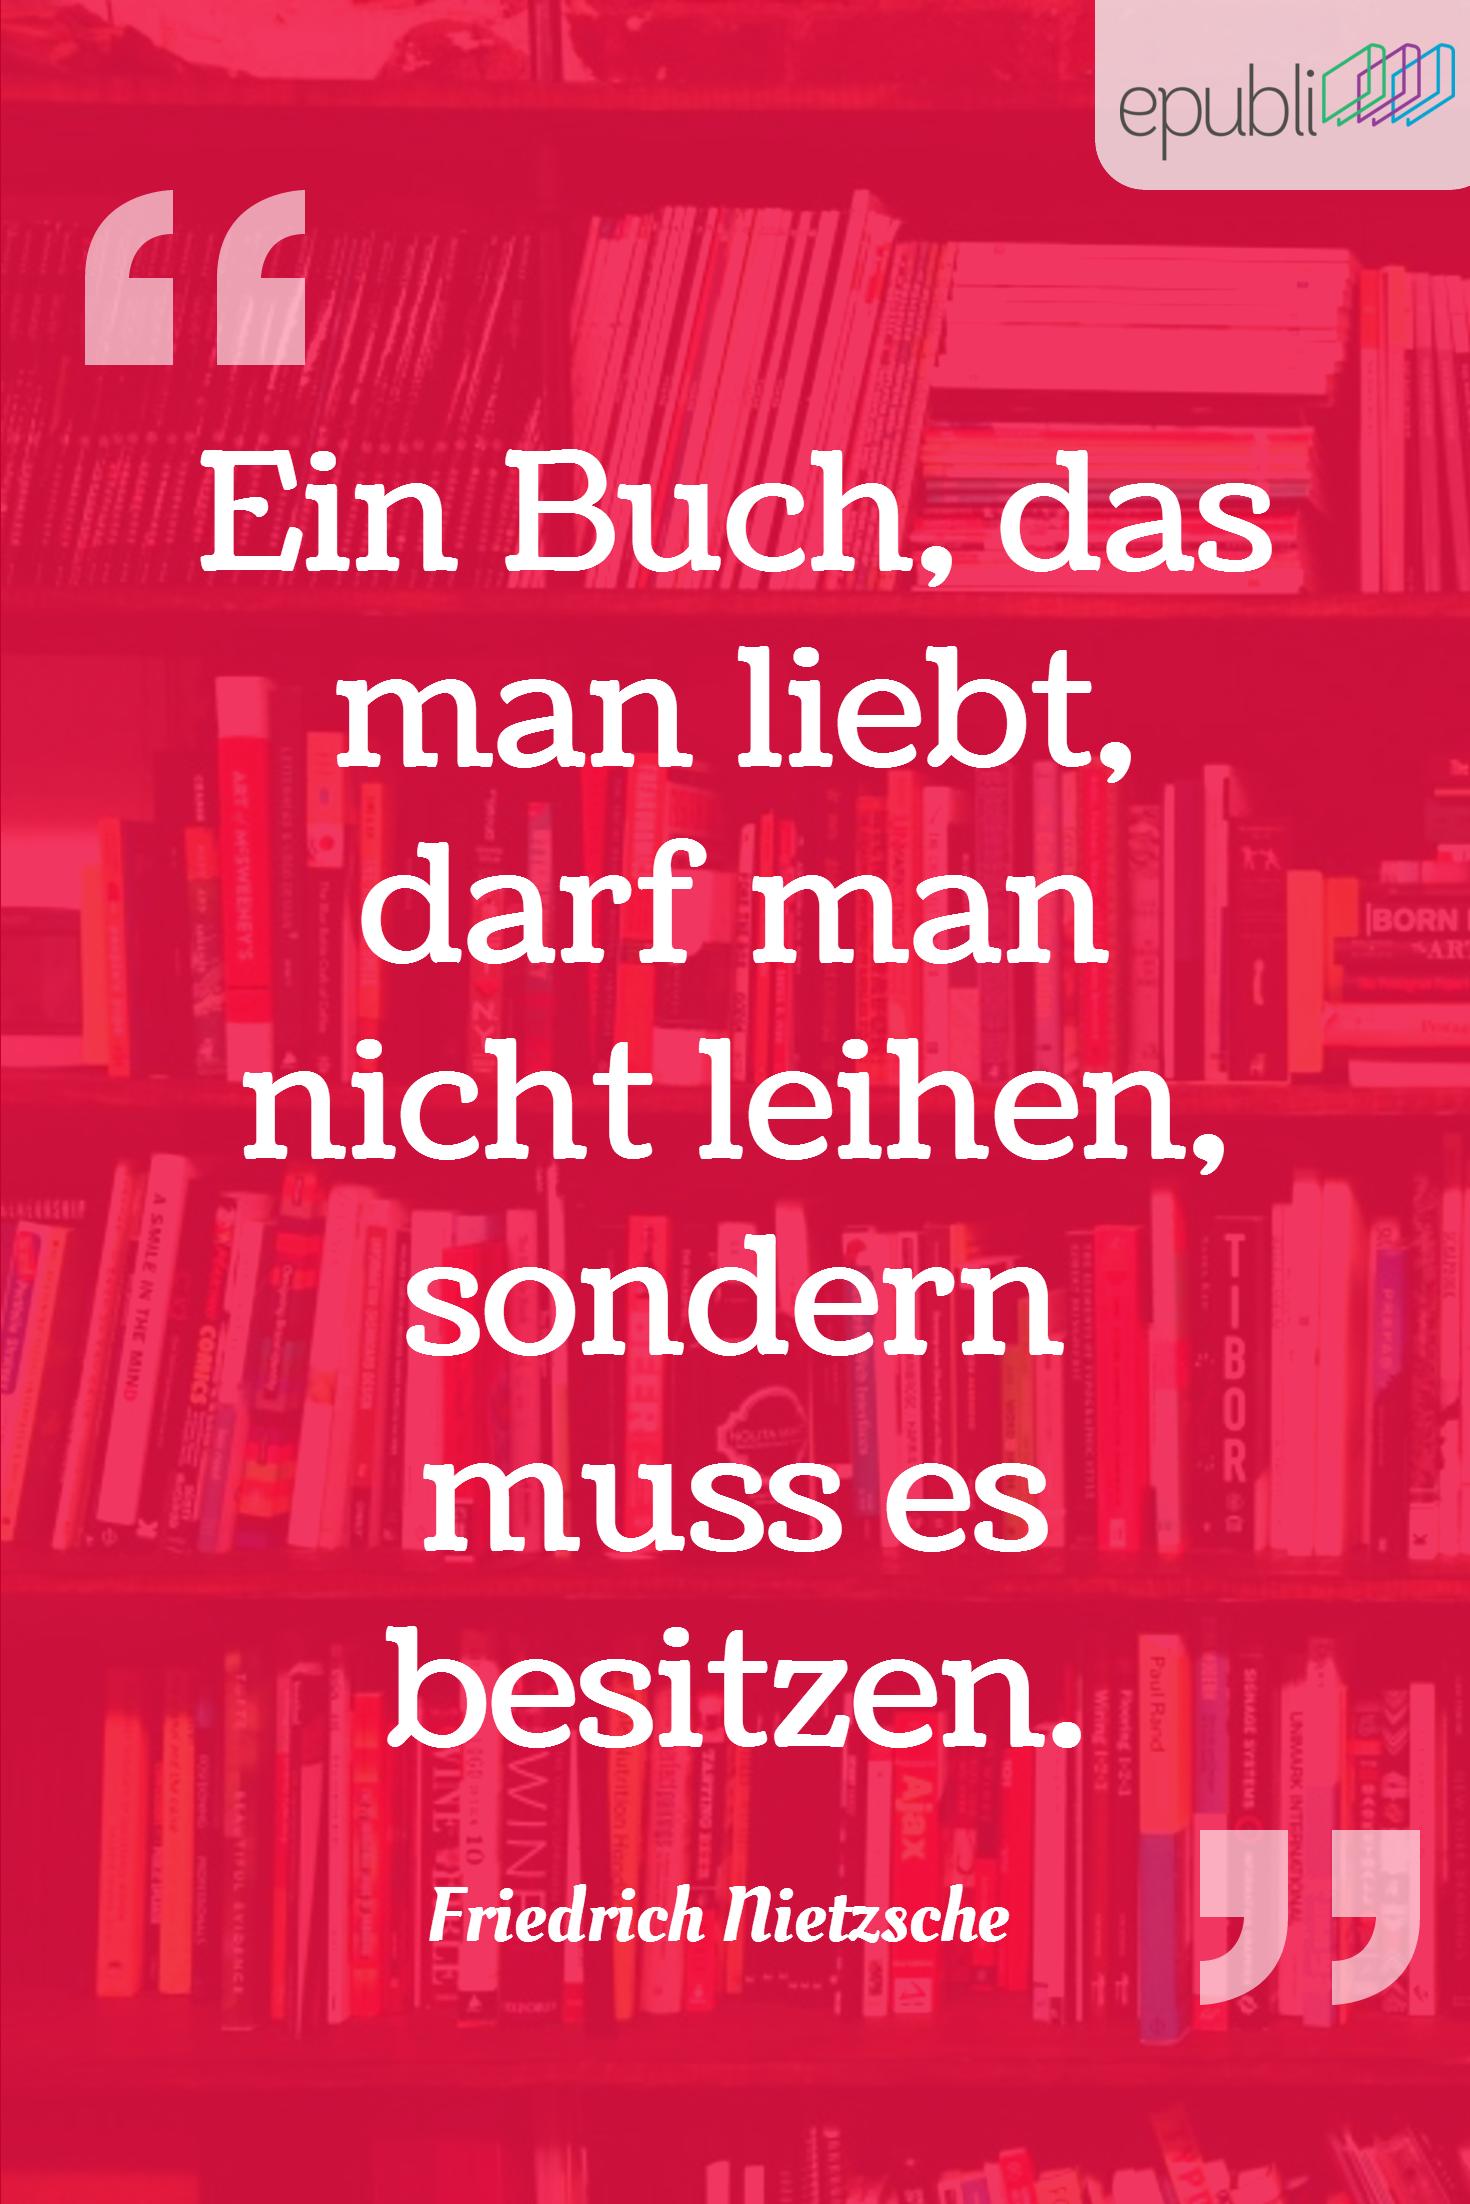 Ein Buch Das Man Liebt Darf Man Nicht Leihen Sondern Muss Es Besitzen Friedrich Nietzsche Epubli Freitagszitat Bucher Bucher Zitate Buch Drucken